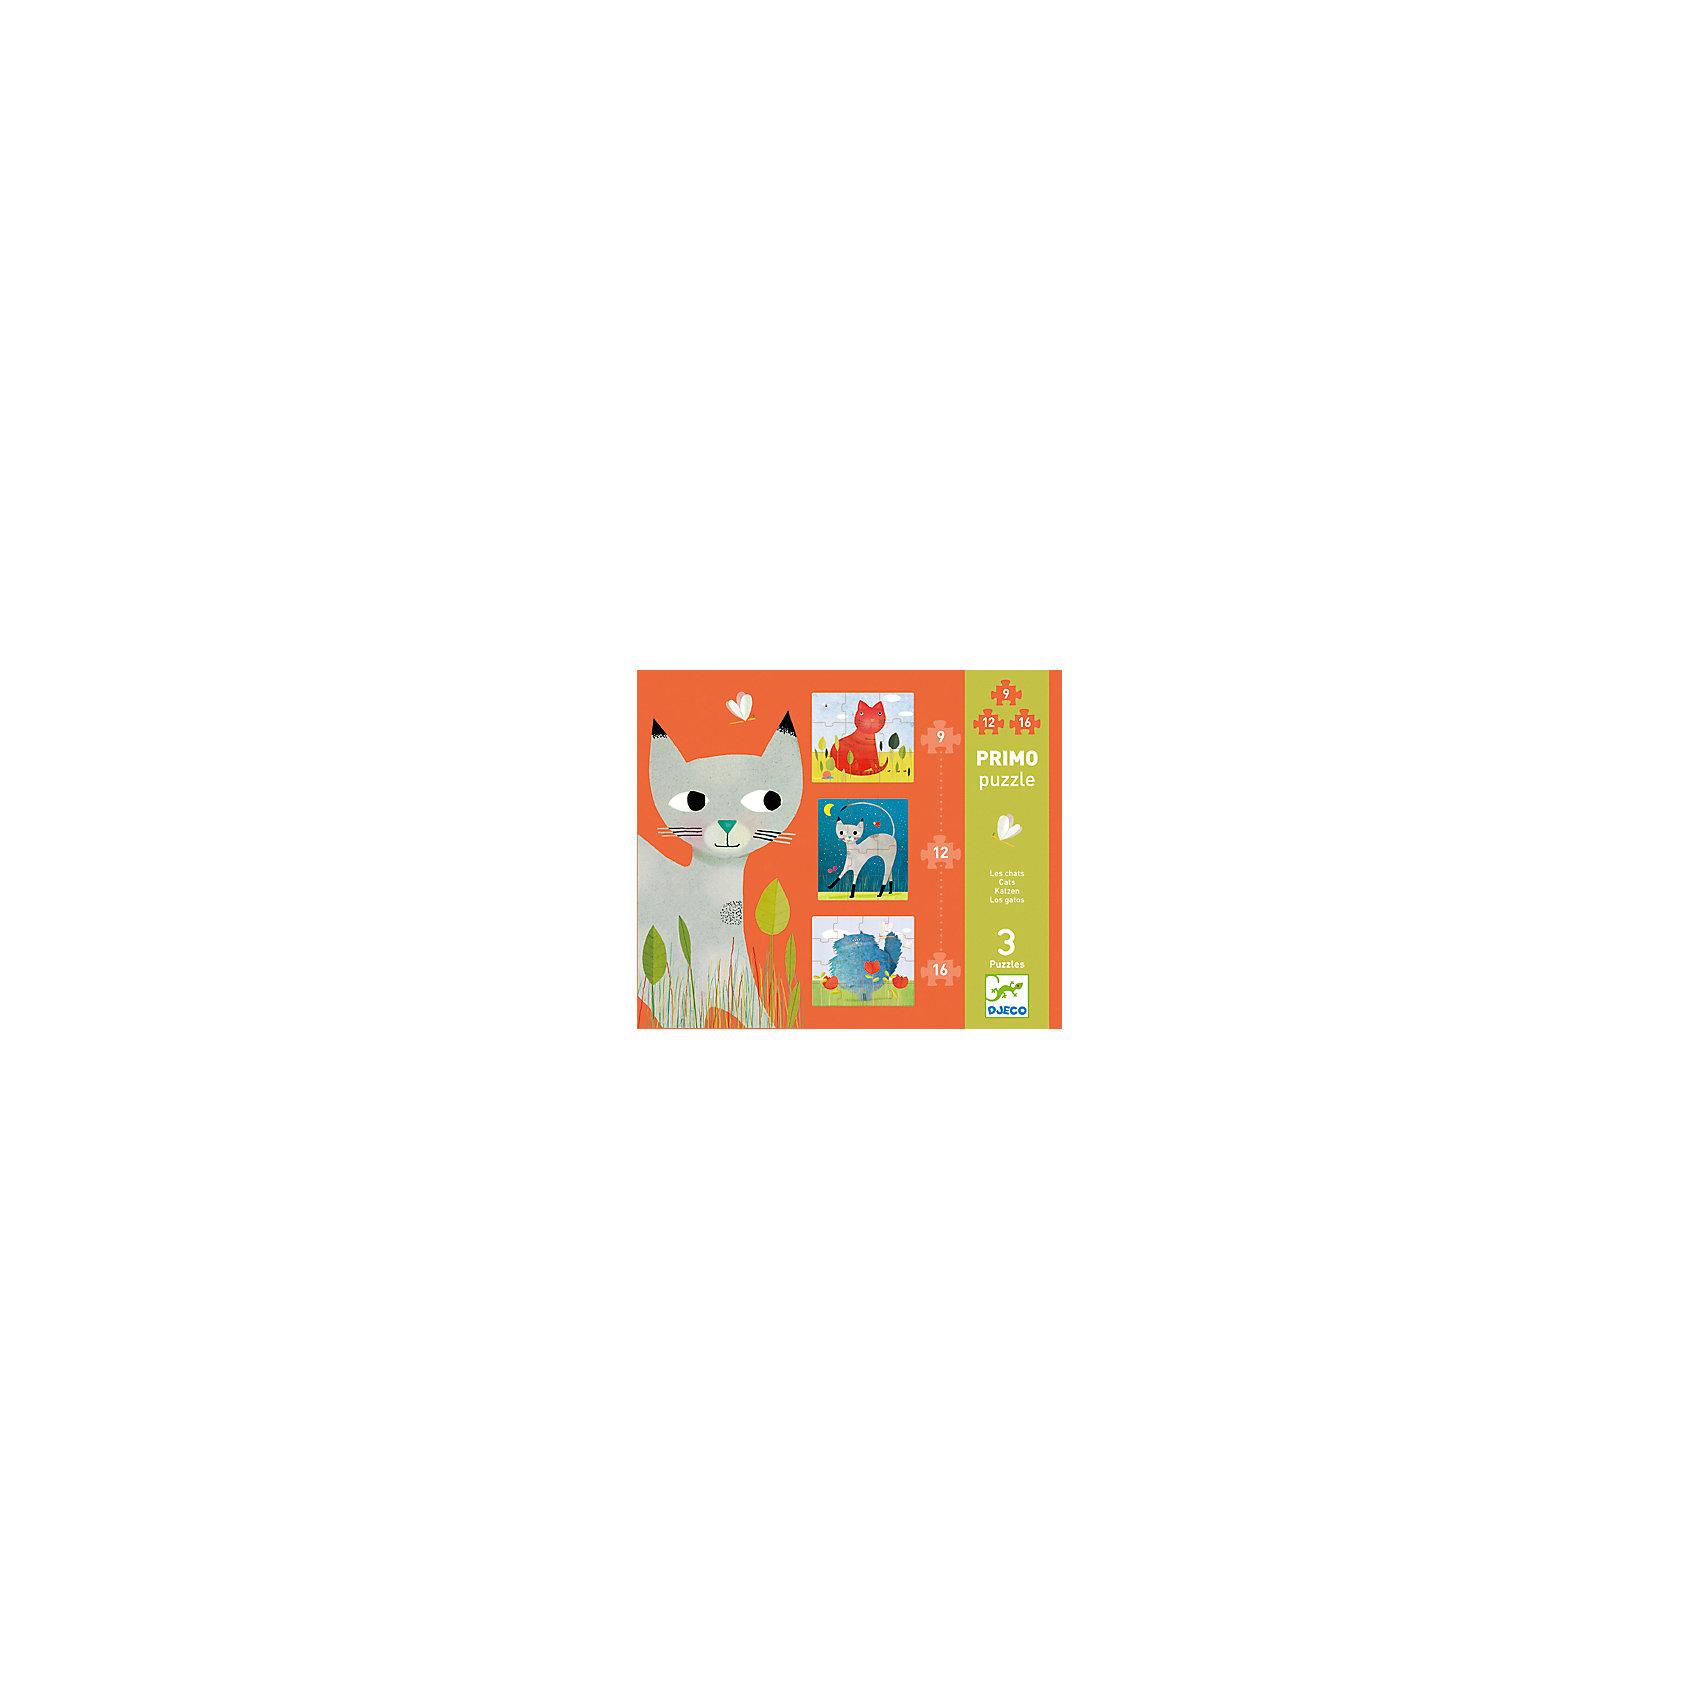 Пазл Коты, DJECOДеревянные игры и пазлы<br>Пазл Коты, Djeco (Джеко) - увлекательный развивающий набор, который станет отличным подарком для Вашего ребенка. С помощью входящих в набор деталей он сможет собрать 3 красочных пазла с изображениями забавных котов. Пазлы отличаются количеством деталей и уровнем сложности, так, самая простая картинка состоят из 9 деталей, самая сложная - из 16. Собранные картинки можно поместить в рамочки и украсить ими детскую комнату. Набор оформлен в красивую подарочную коробку. Собирание пазла способствует развитию логического мышления, внимания, мелкой моторики и координации движений.<br> <br>Дополнительная информация:<br><br>- Материал: картон. <br>- Количество деталей: 1 картинка из 9 деталей (легкий уровень), 1 картинка из 12 деталей (средний уровень), 1 картинка из 16 деталей (сложный уровень).<br>- Размер упаковки: 25,5 x 21,5 x 3,5 см.<br><br>Пазл Коты, Djeco (Джеко), можно купить в нашем интернет-магазине.<br><br>Ширина мм: 220<br>Глубина мм: 260<br>Высота мм: 40<br>Вес г: 610<br>Возраст от месяцев: 36<br>Возраст до месяцев: 72<br>Пол: Унисекс<br>Возраст: Детский<br>SKU: 4566303